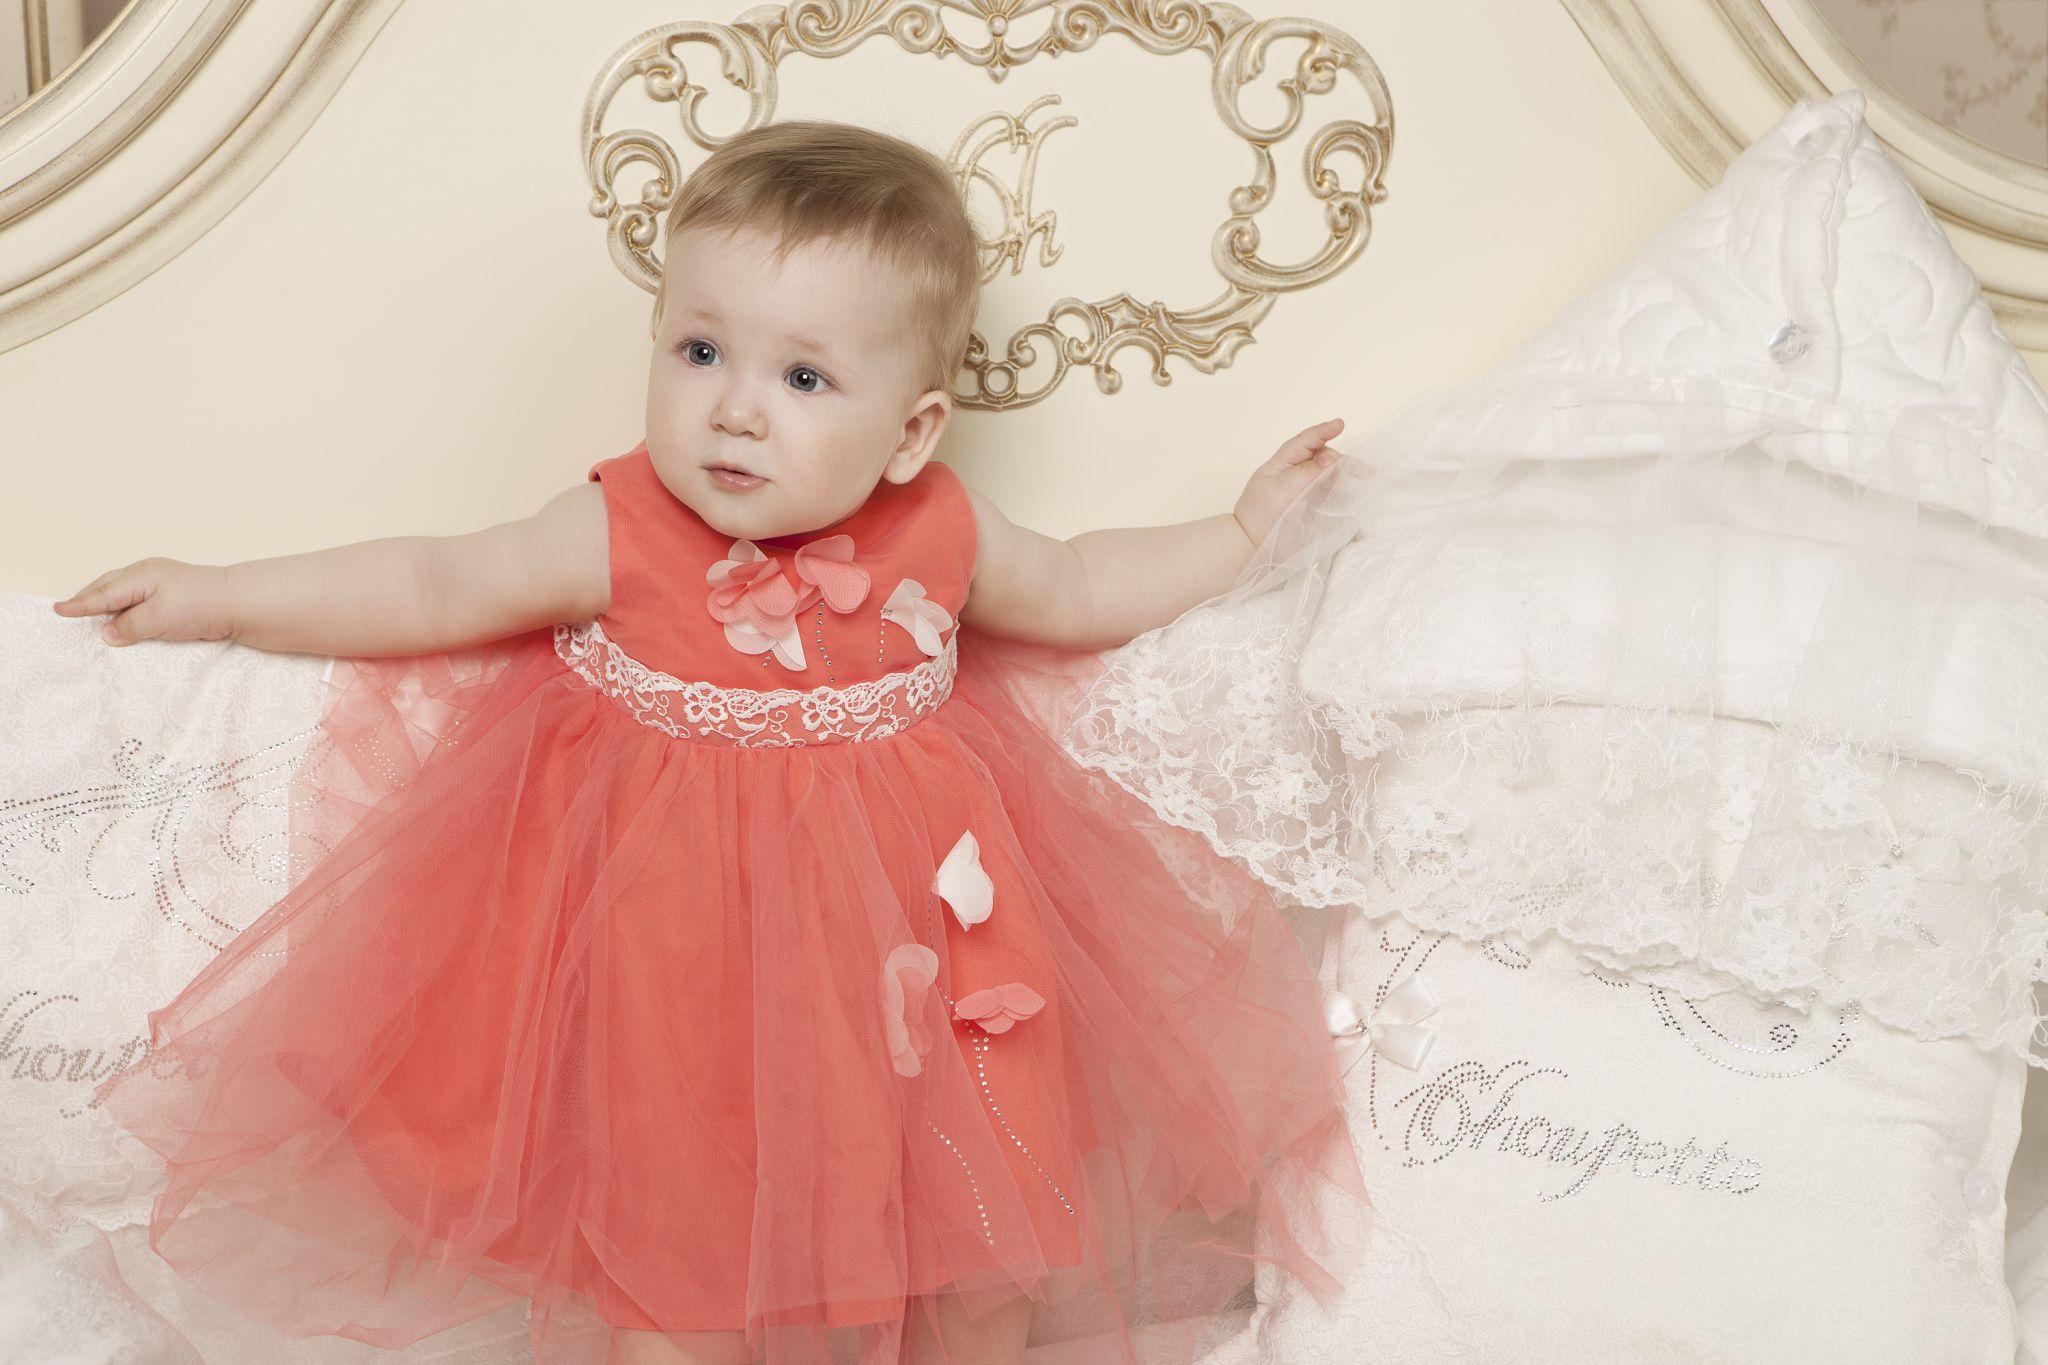 d27488a9952 «Пышные платья для малышей» — карточка пользователя Mikl6972 в  Яндекс.Коллекциях